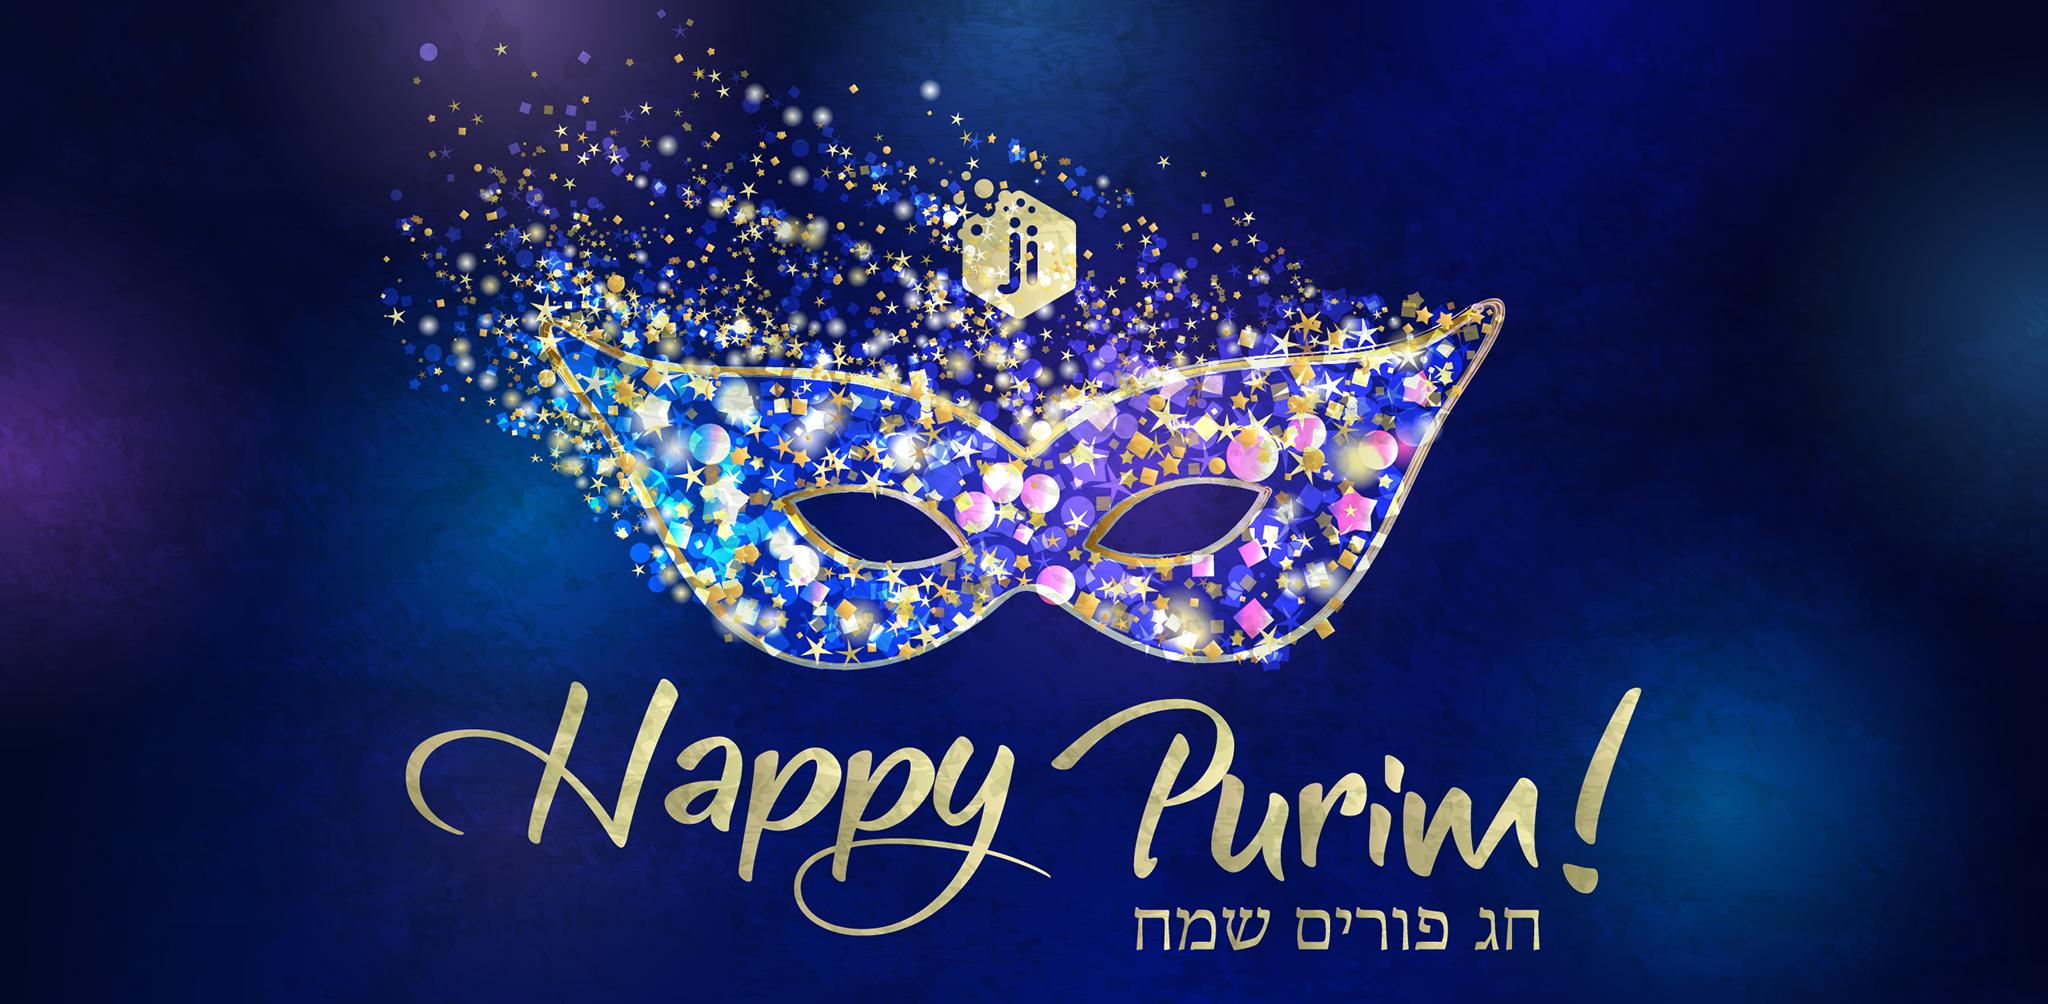 Happy Purim